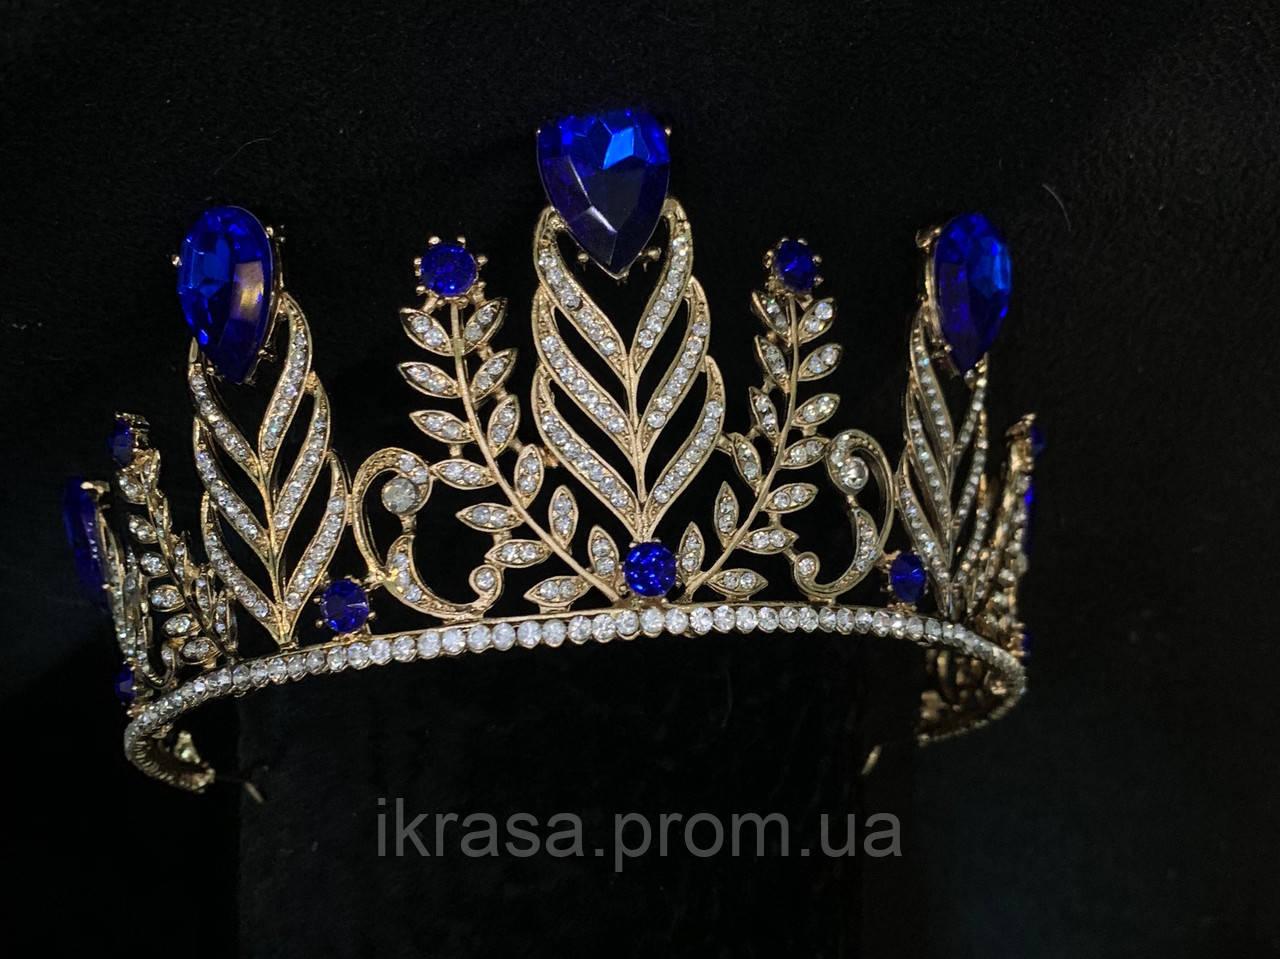 Висока Діадема з синіми кристалами з основою золотого кольору (7,5 см)